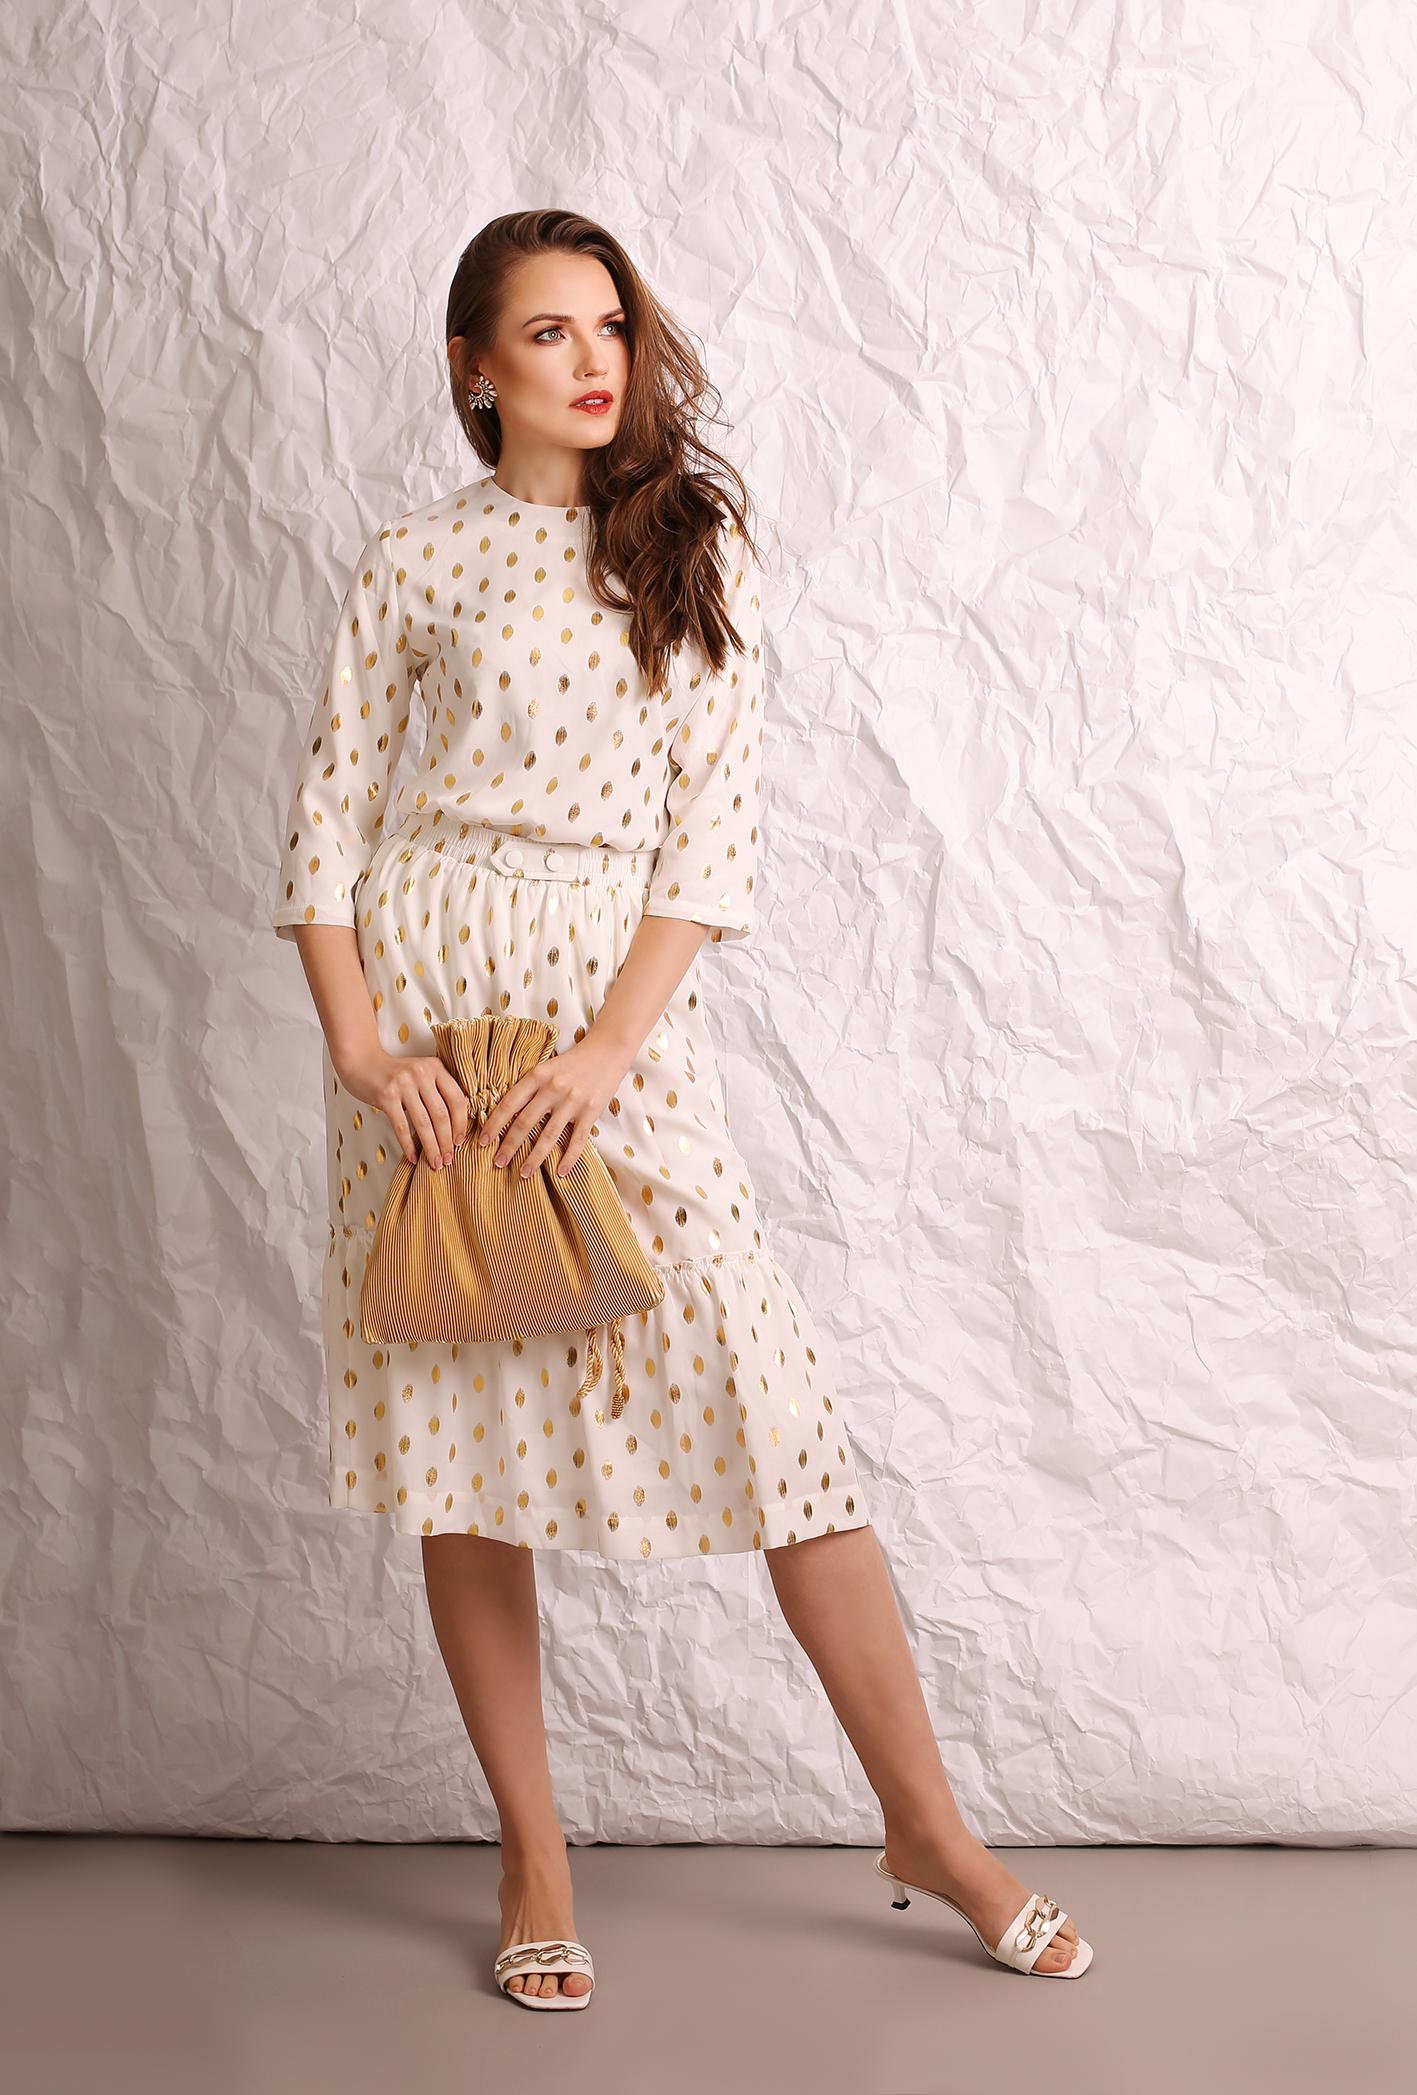 צילומי אופנה 0527142827 רות נזרי